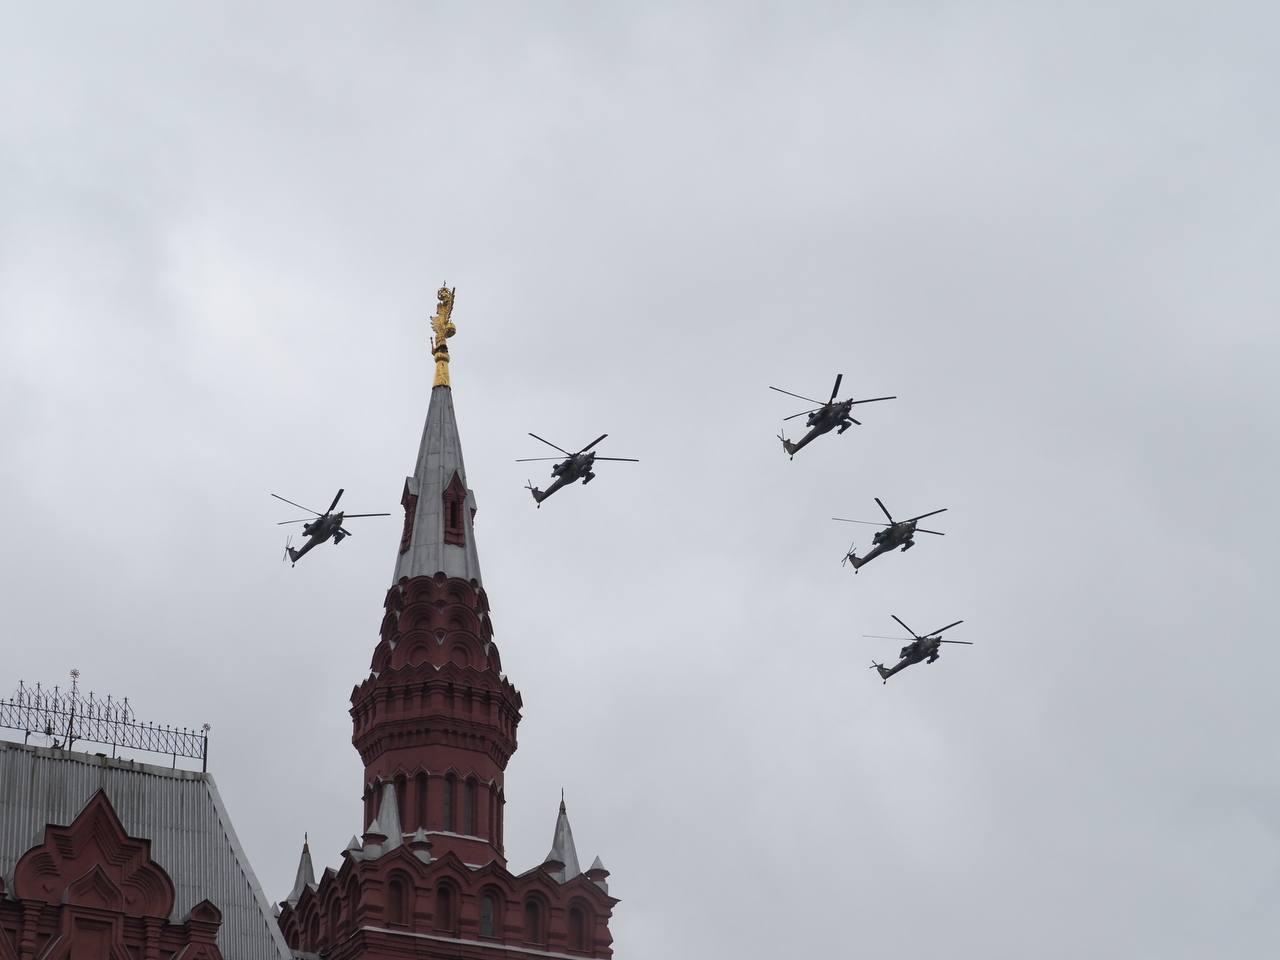 Угроза не помешала - на московском параде пролетели все